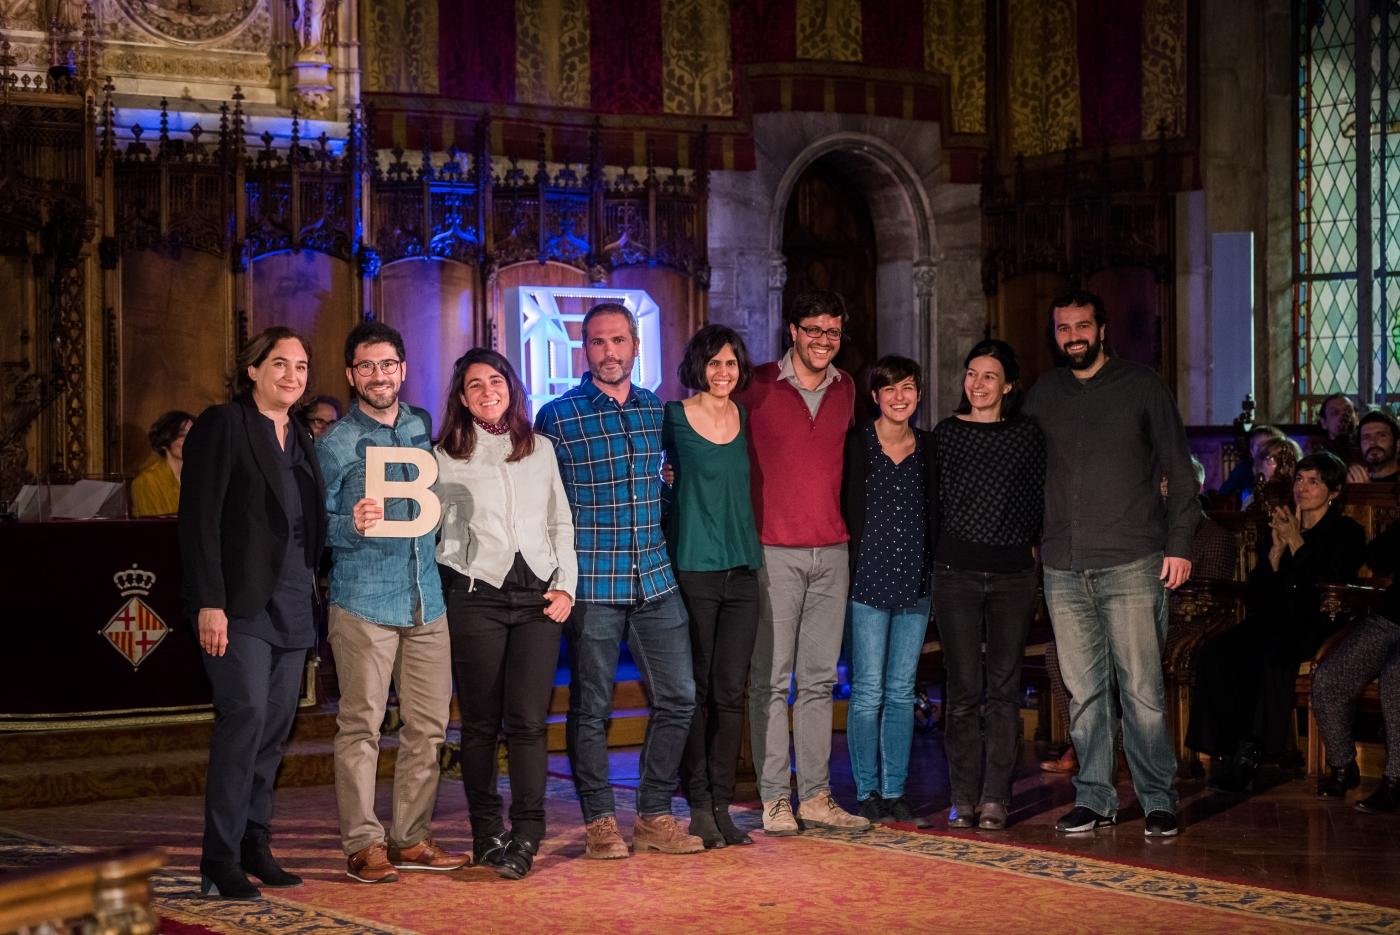 Revista 5W - Premi Ciutat de Barcelona de Mitjans de Comunicació 2017